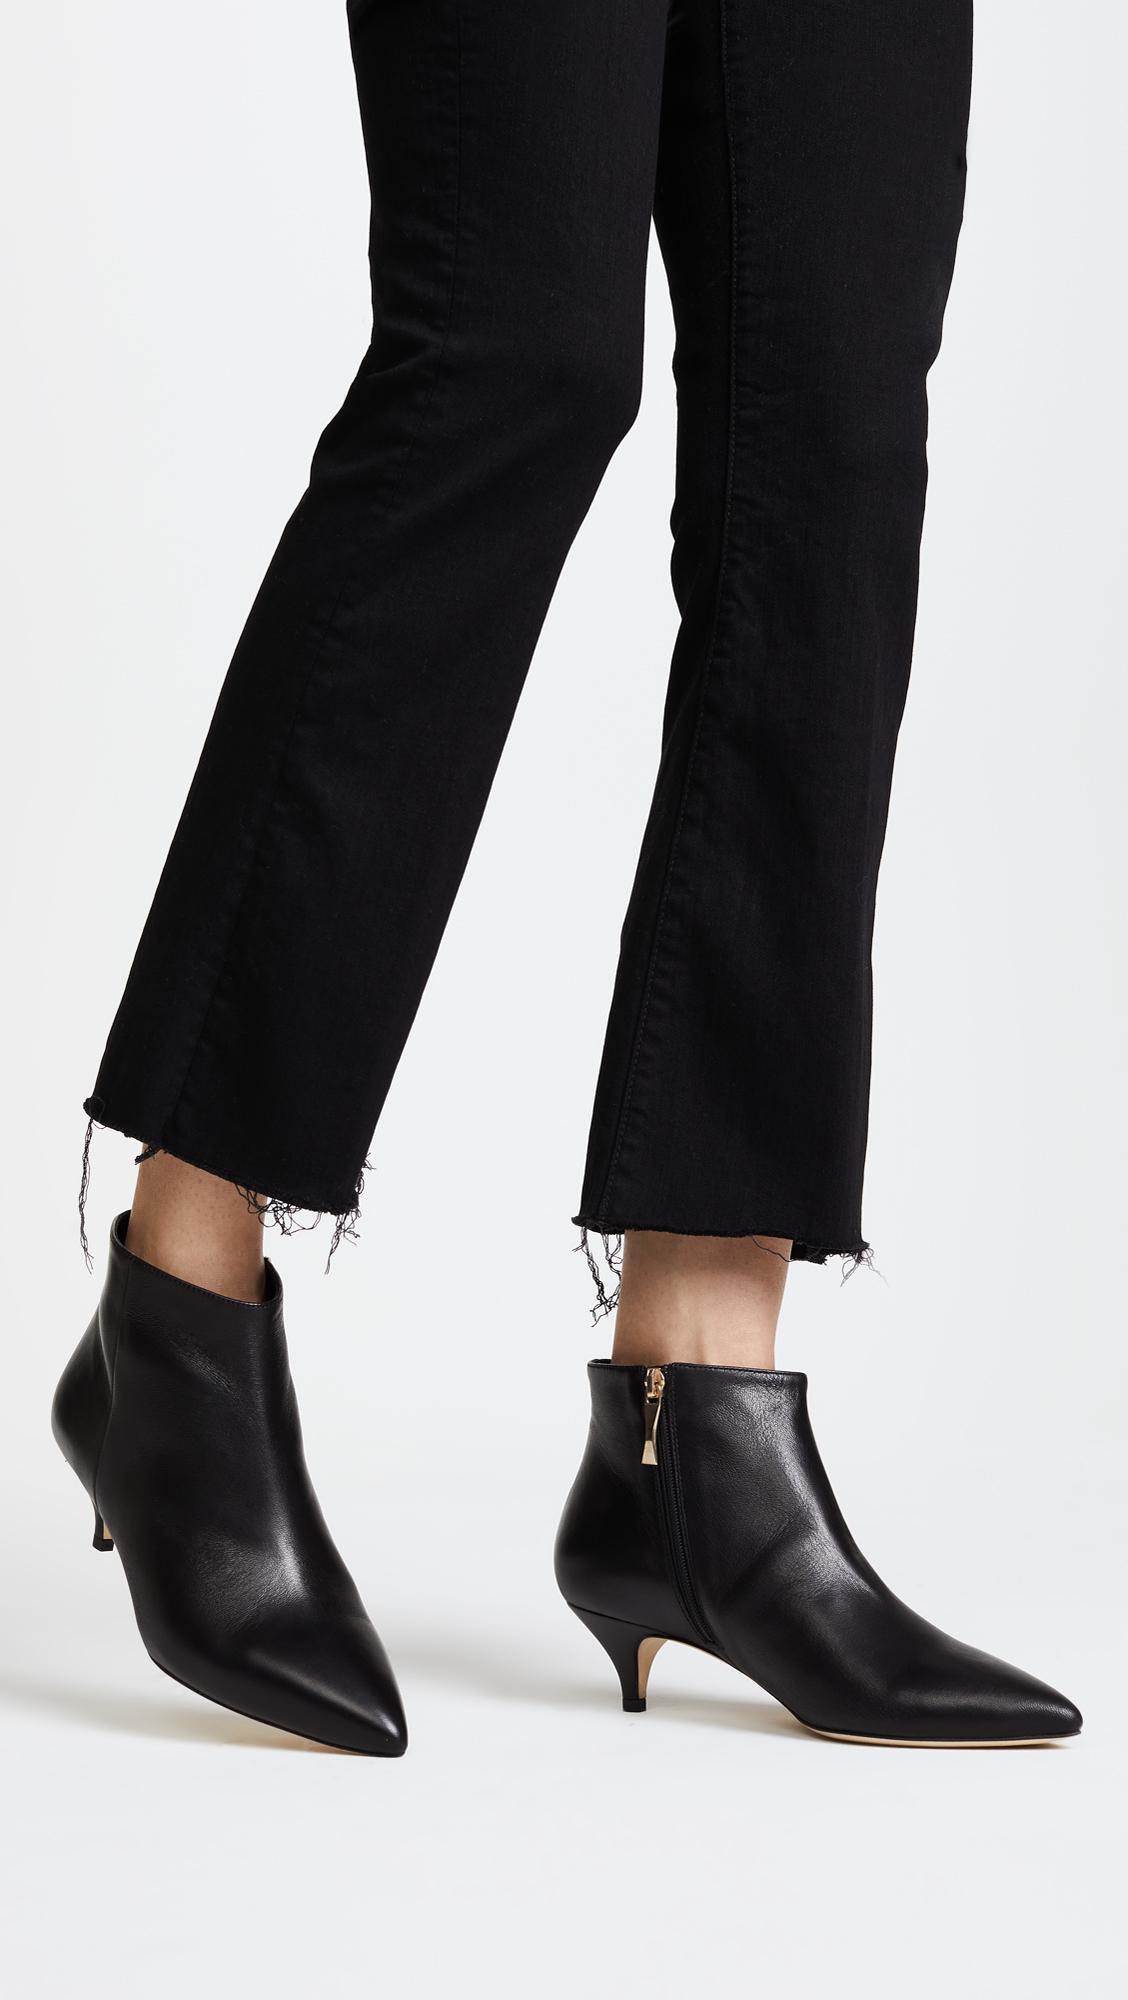 3ca3d18bd8ea Lyst - Kate Spade Olly Kitten Heel Ankle Booties in Black